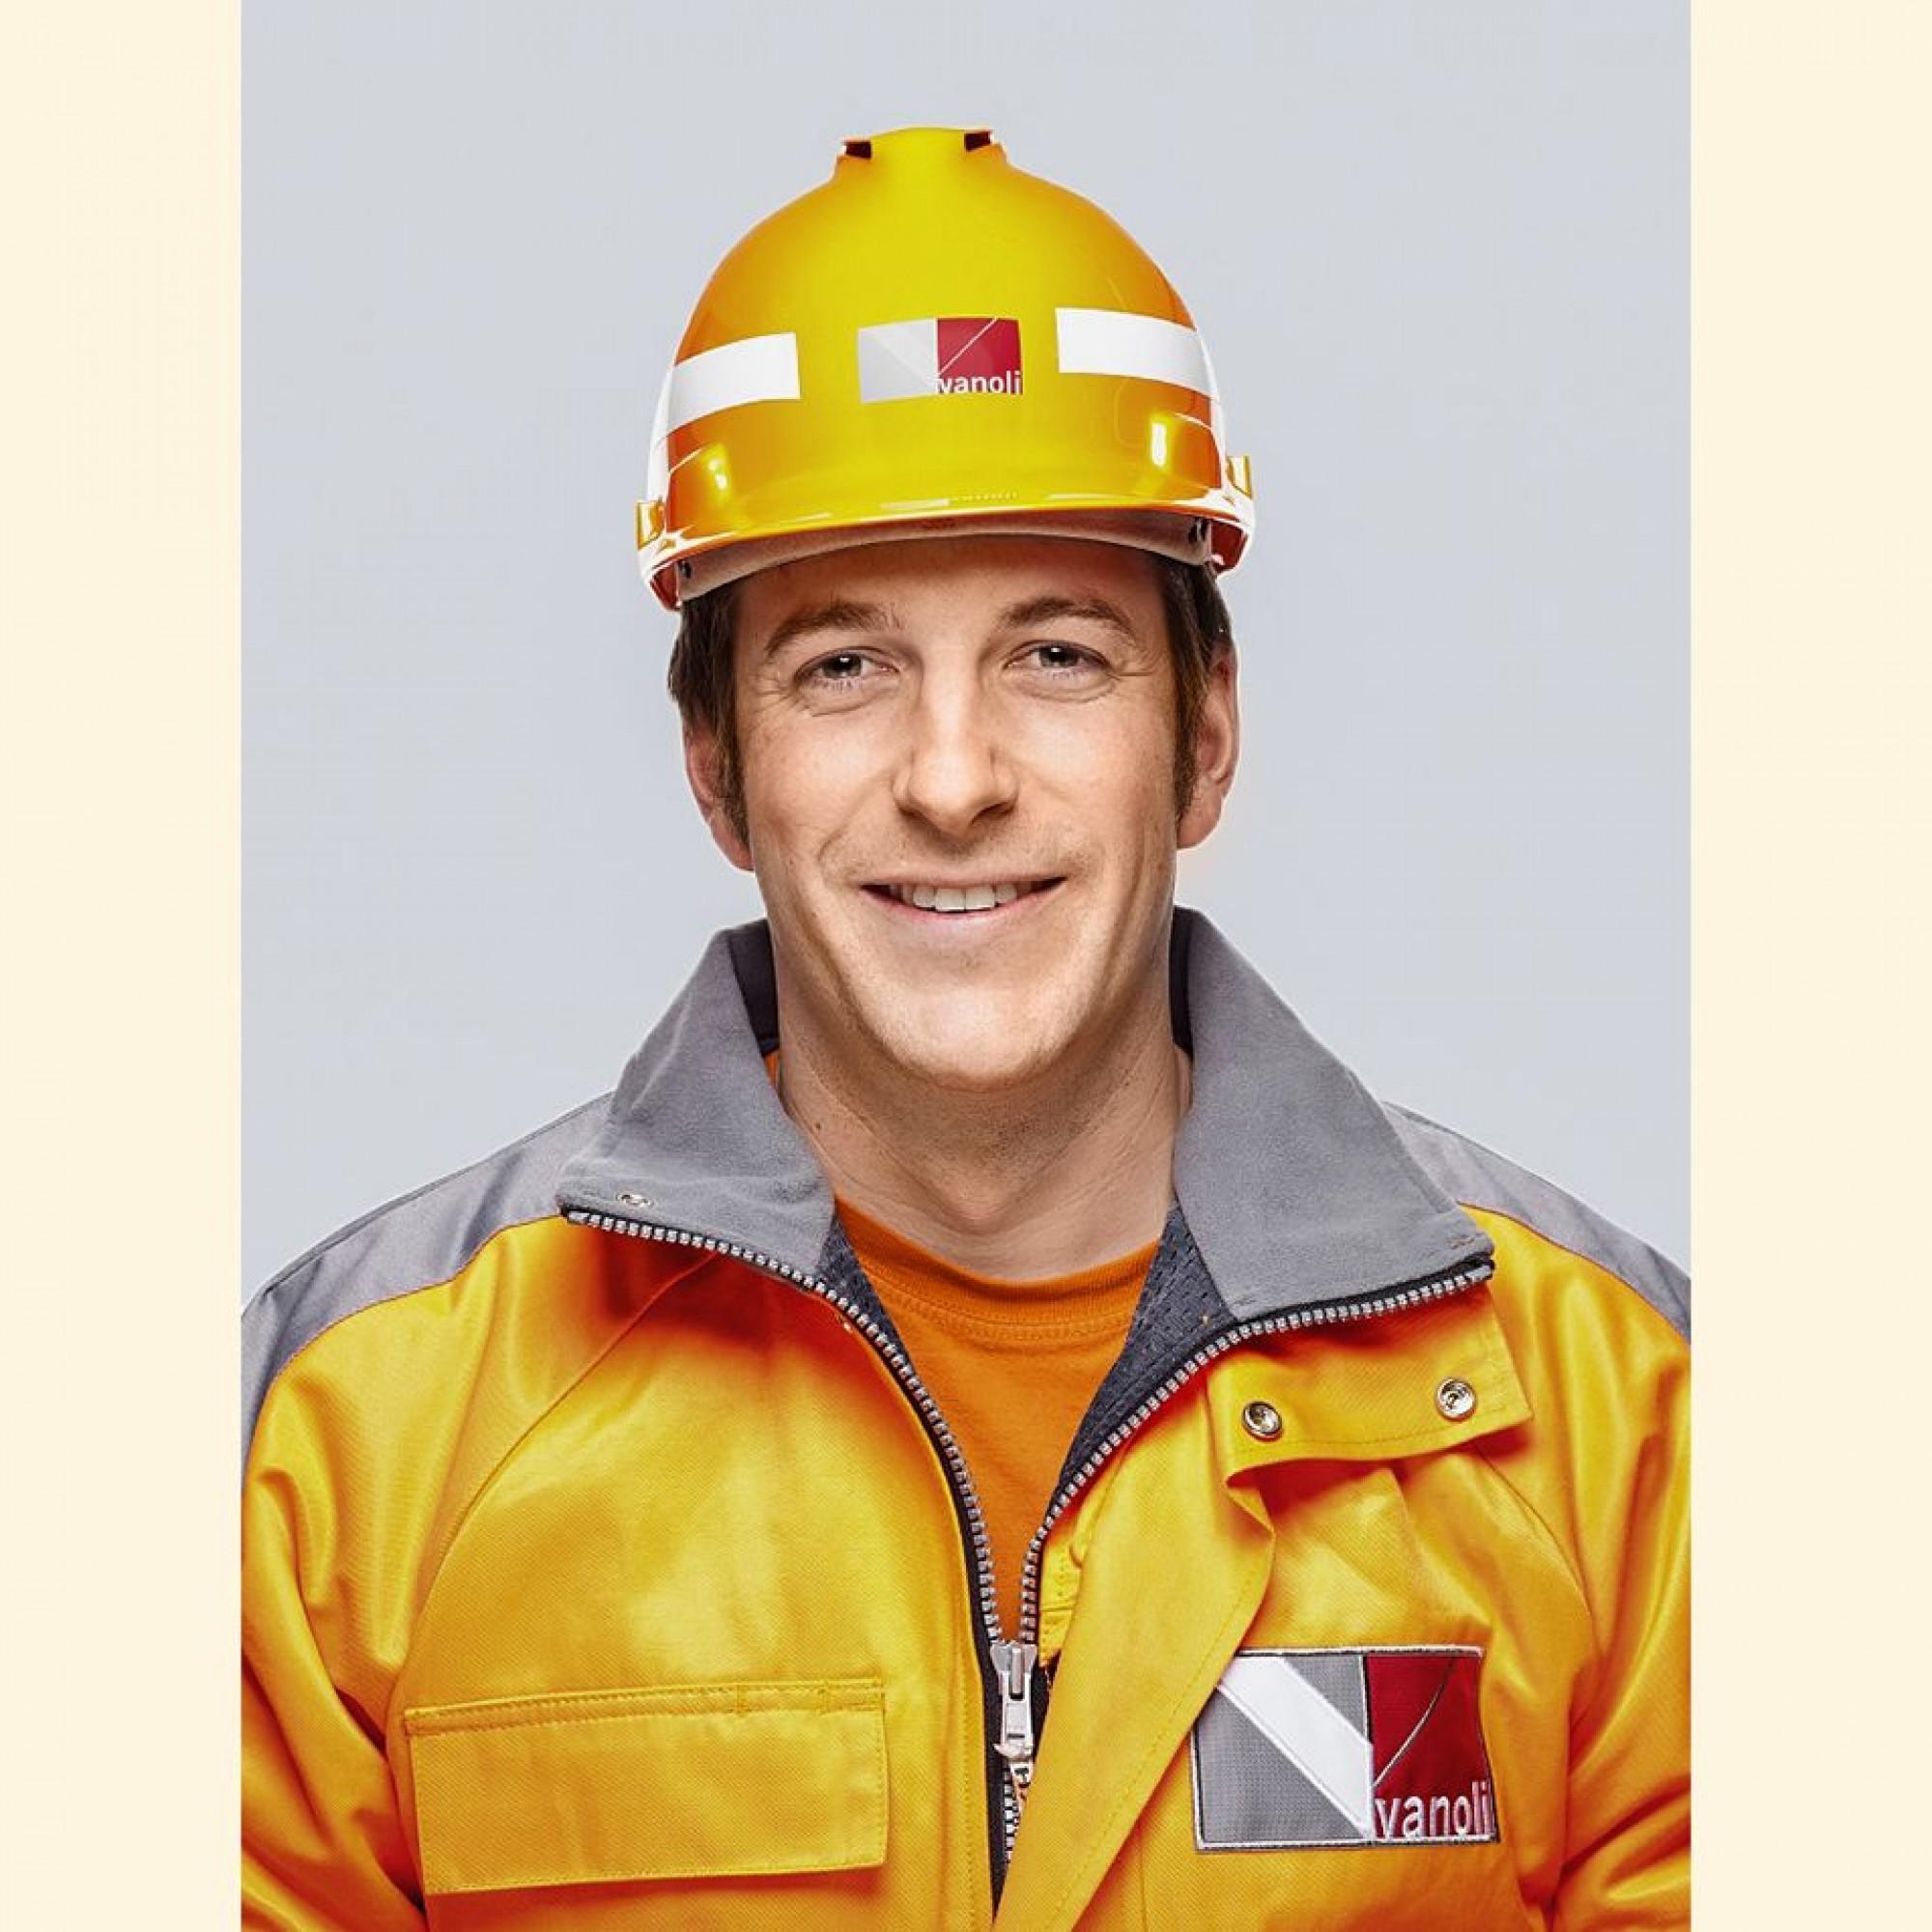 Andreas Riesen ist eidg. dipl.Baupolier Tief- und Strassenbau und arbeitet bei der VanoliAG im Beton- und Ingenieurtiefbau. Er ist Fachmann für den Transfer von Digitaldaten bei Totalstationen und GPS.